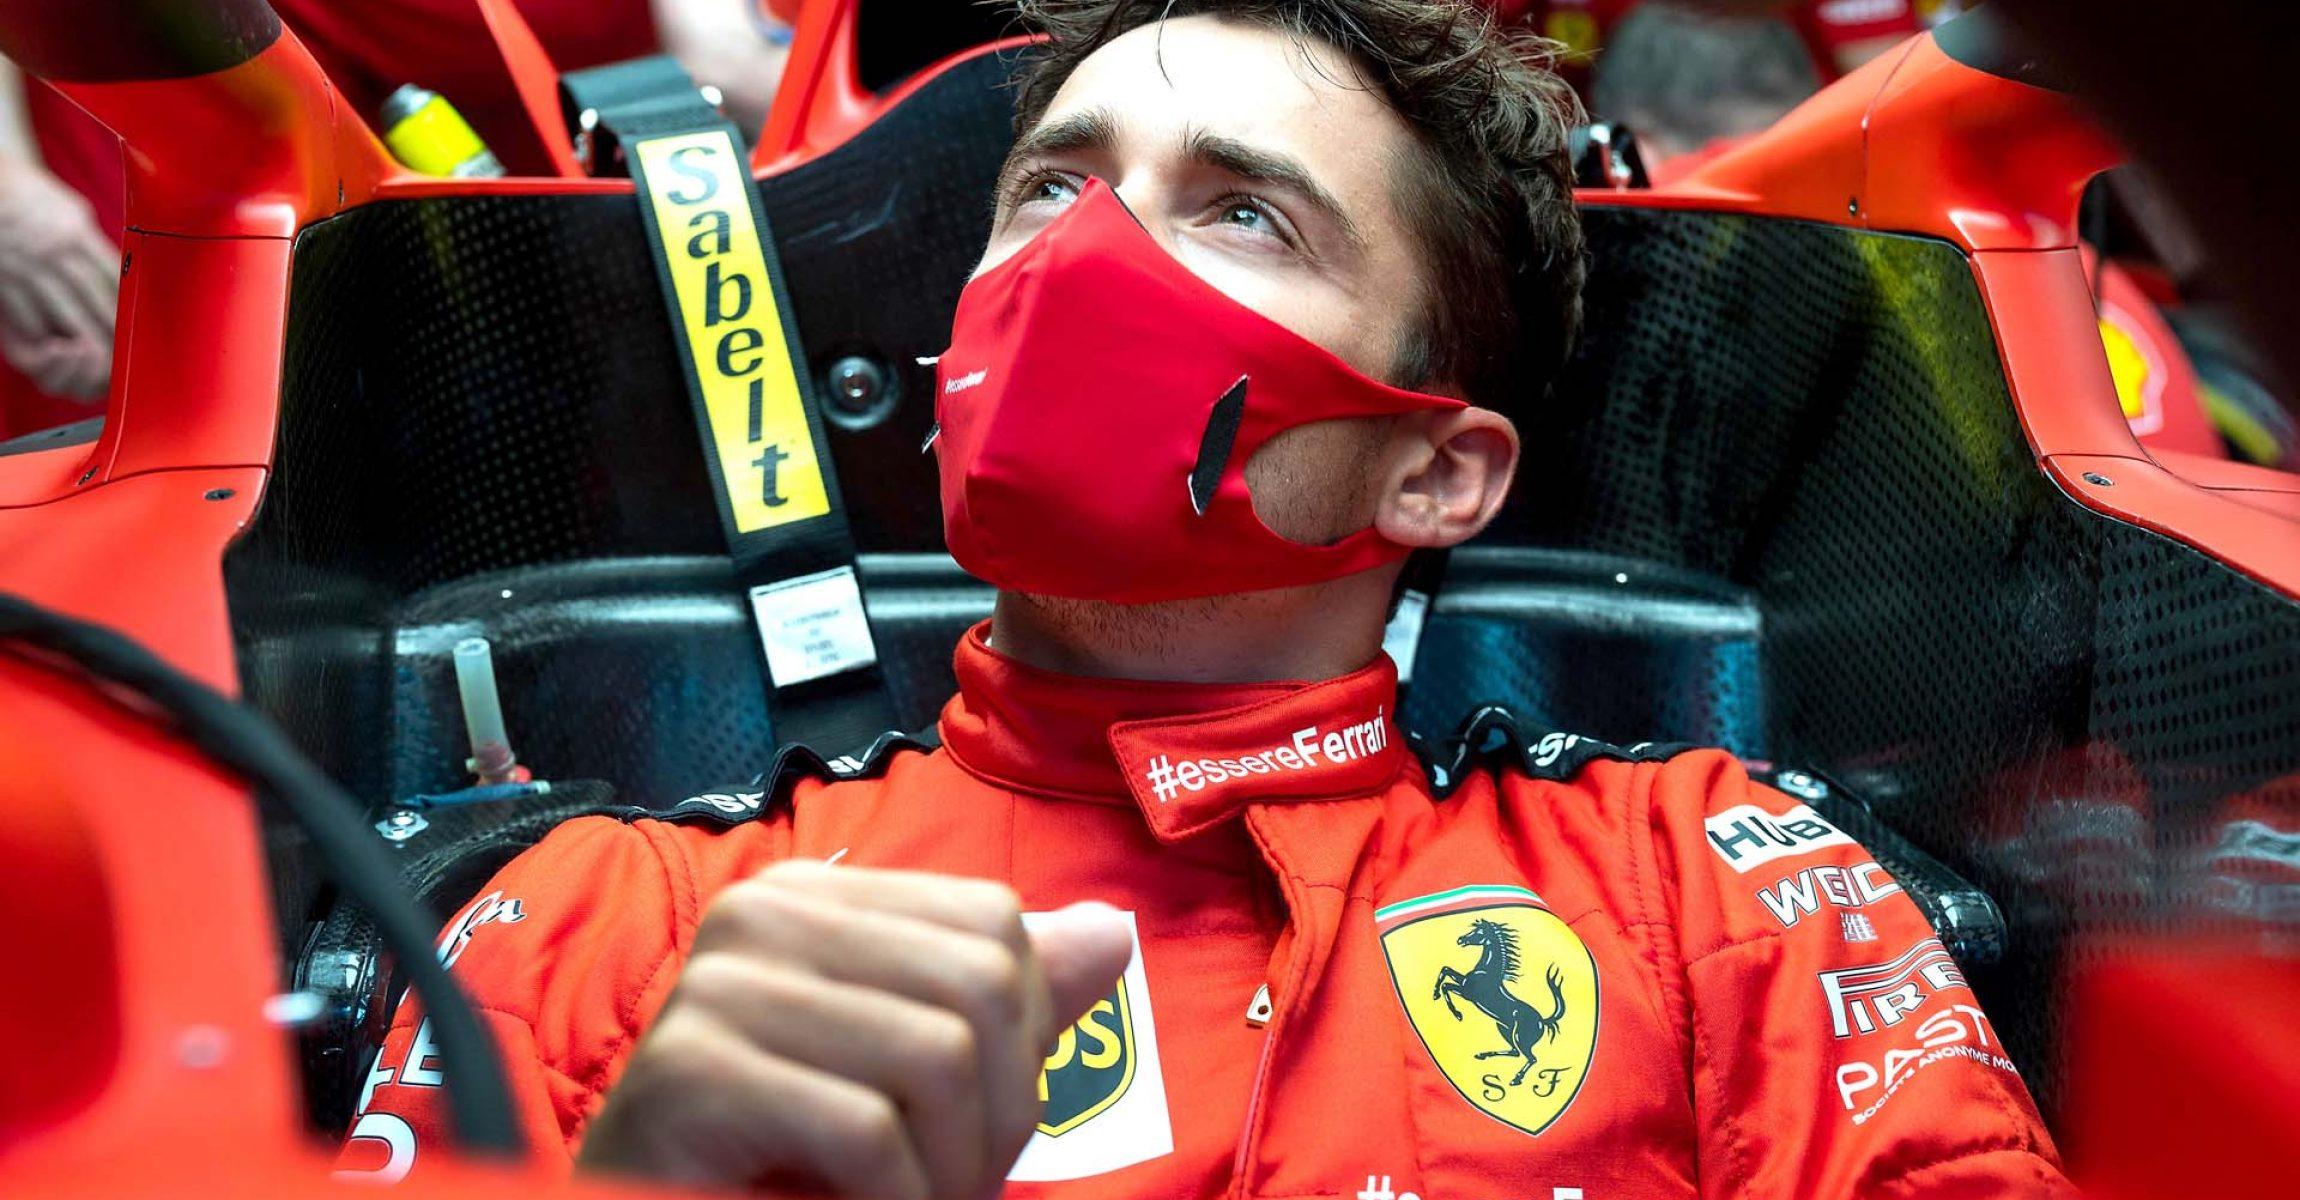 GP AUSTRIA F1/2020 - GIOVEDÌ 02/07/2020 credit: @Scuderia Ferrari Press Office Charles Leclerc